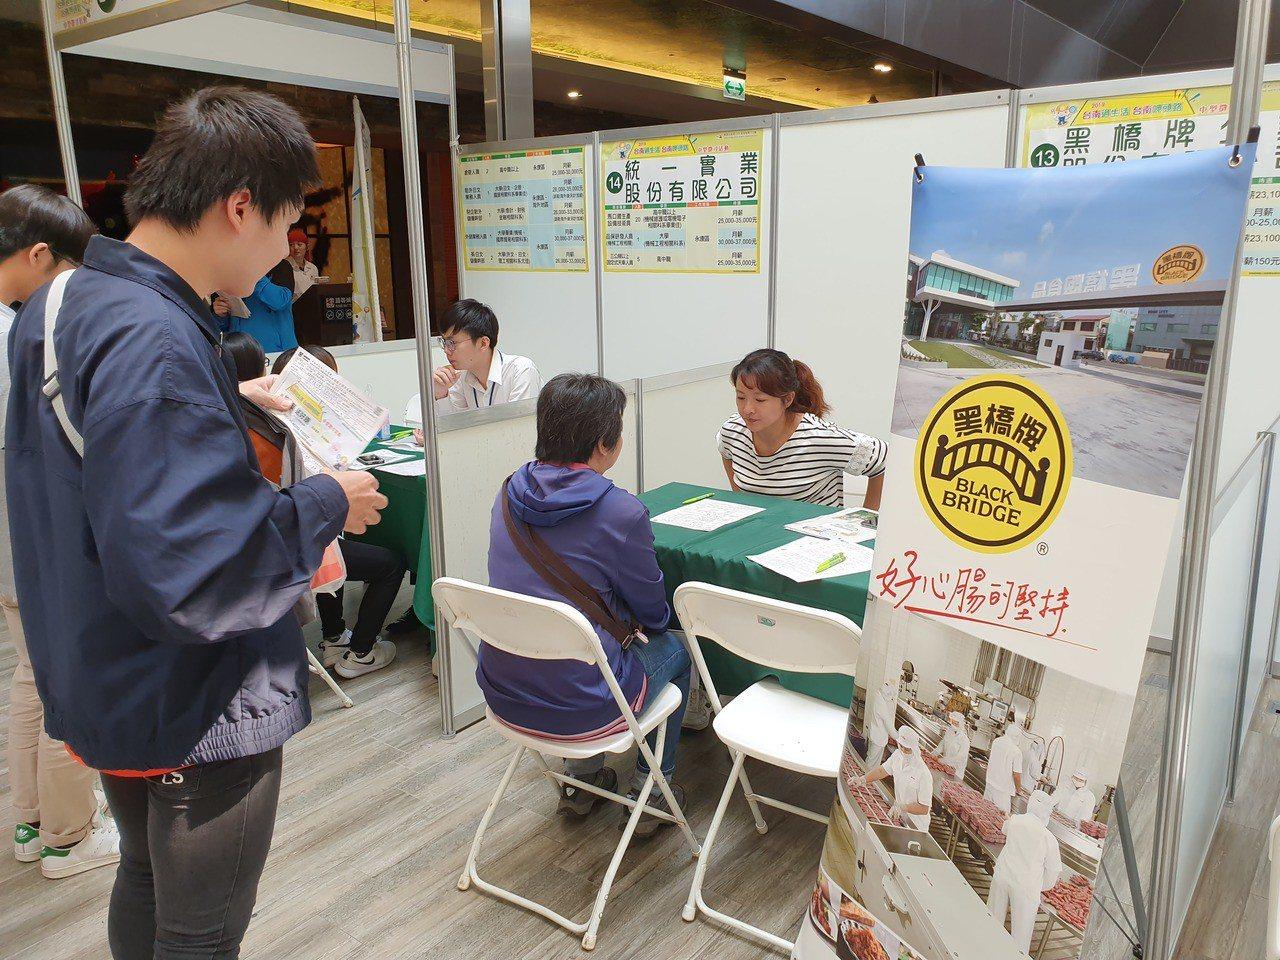 暑假求職旺季,台南市勞工局將舉辦第二場中型就業博覽會。圖/勞工局提供